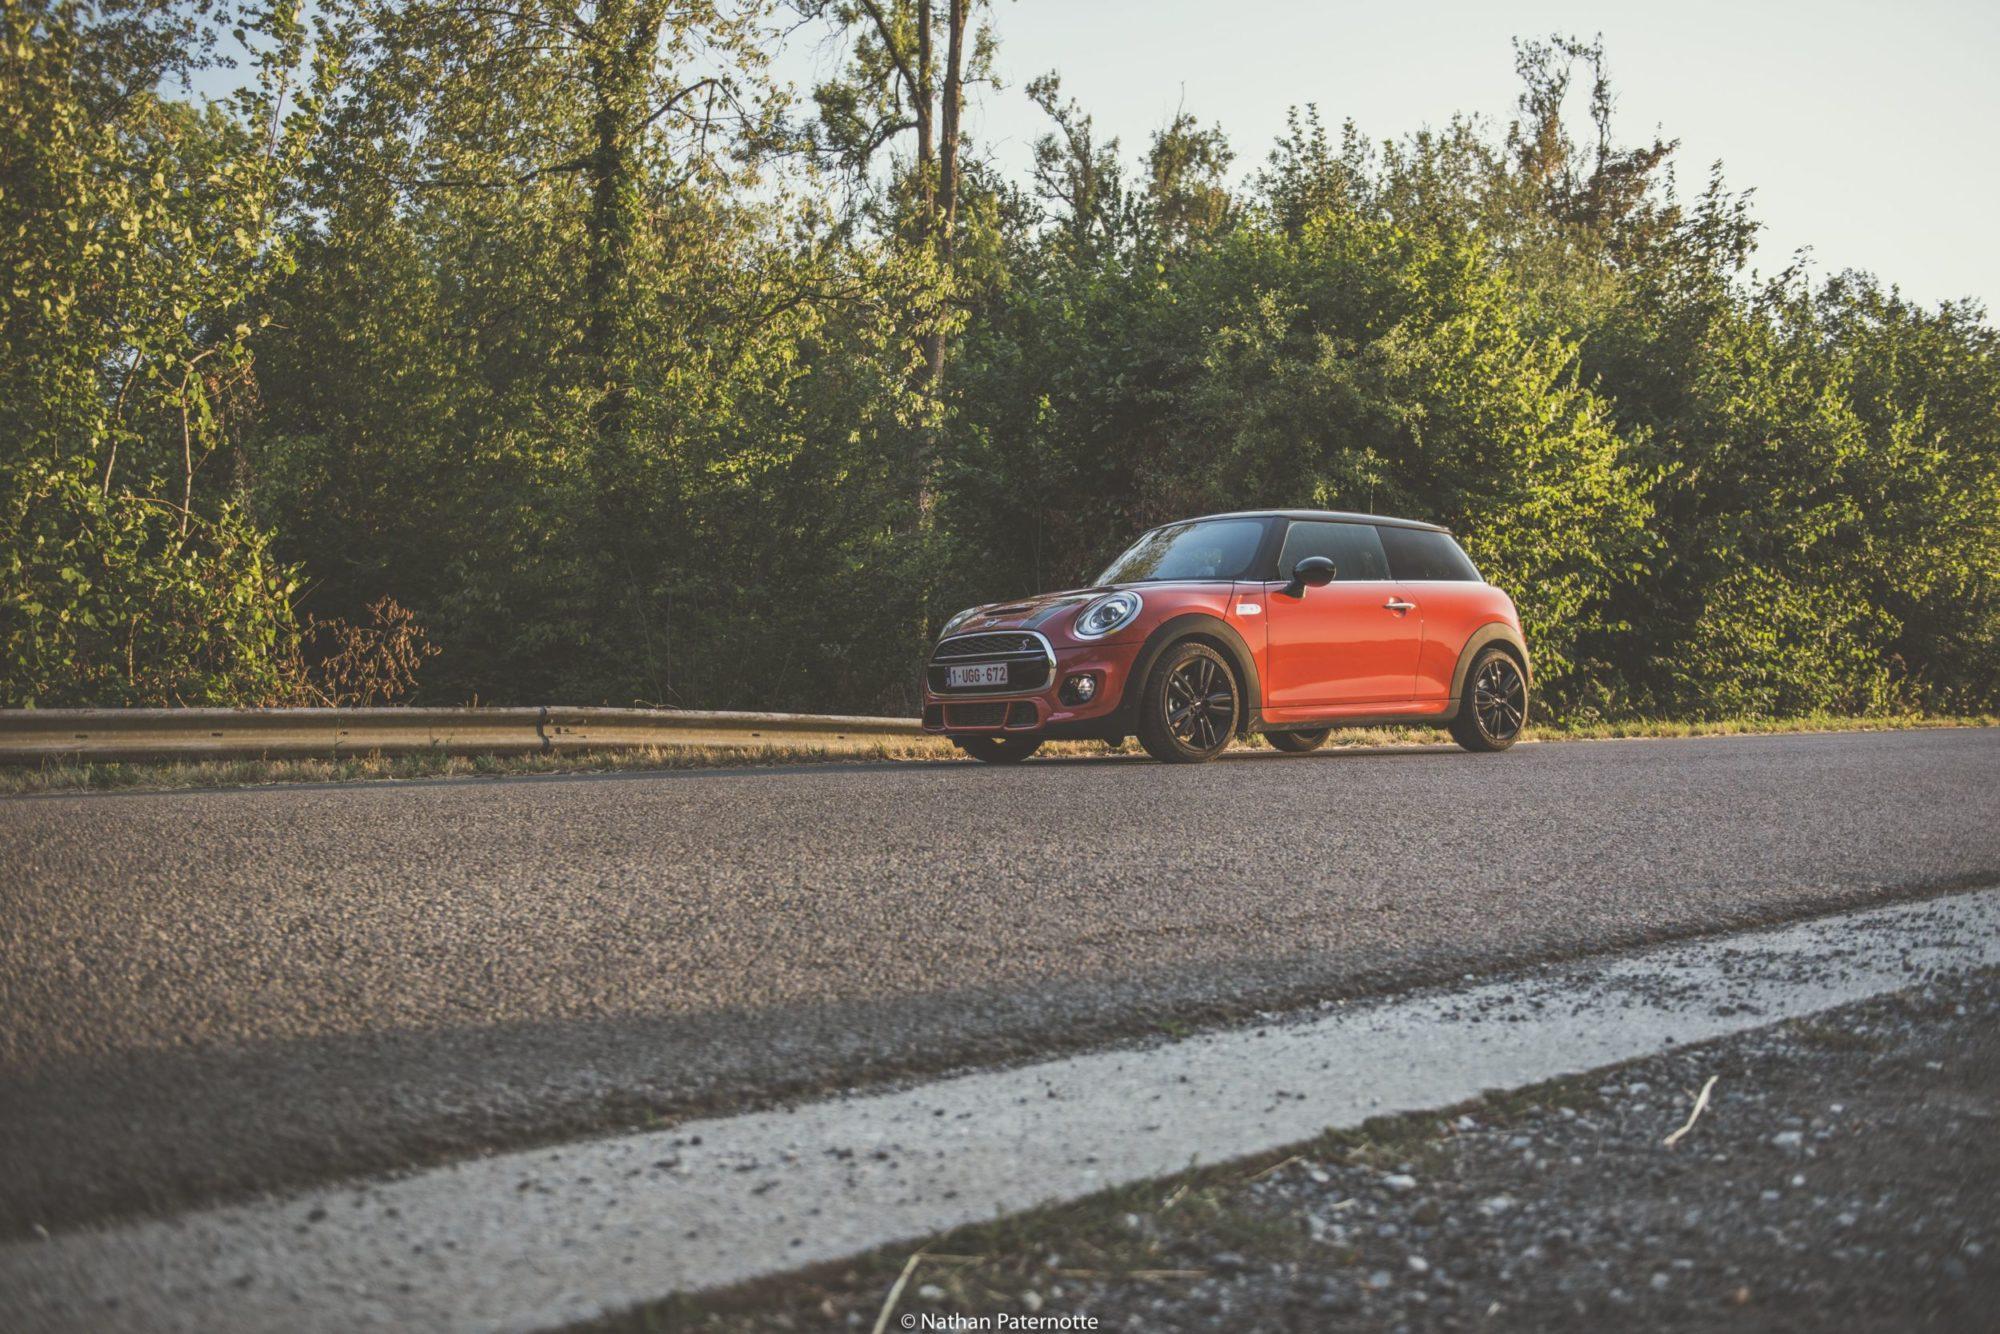 Essai Mini Cooper Sd 3 Portes 2018 Actu Moteurscom